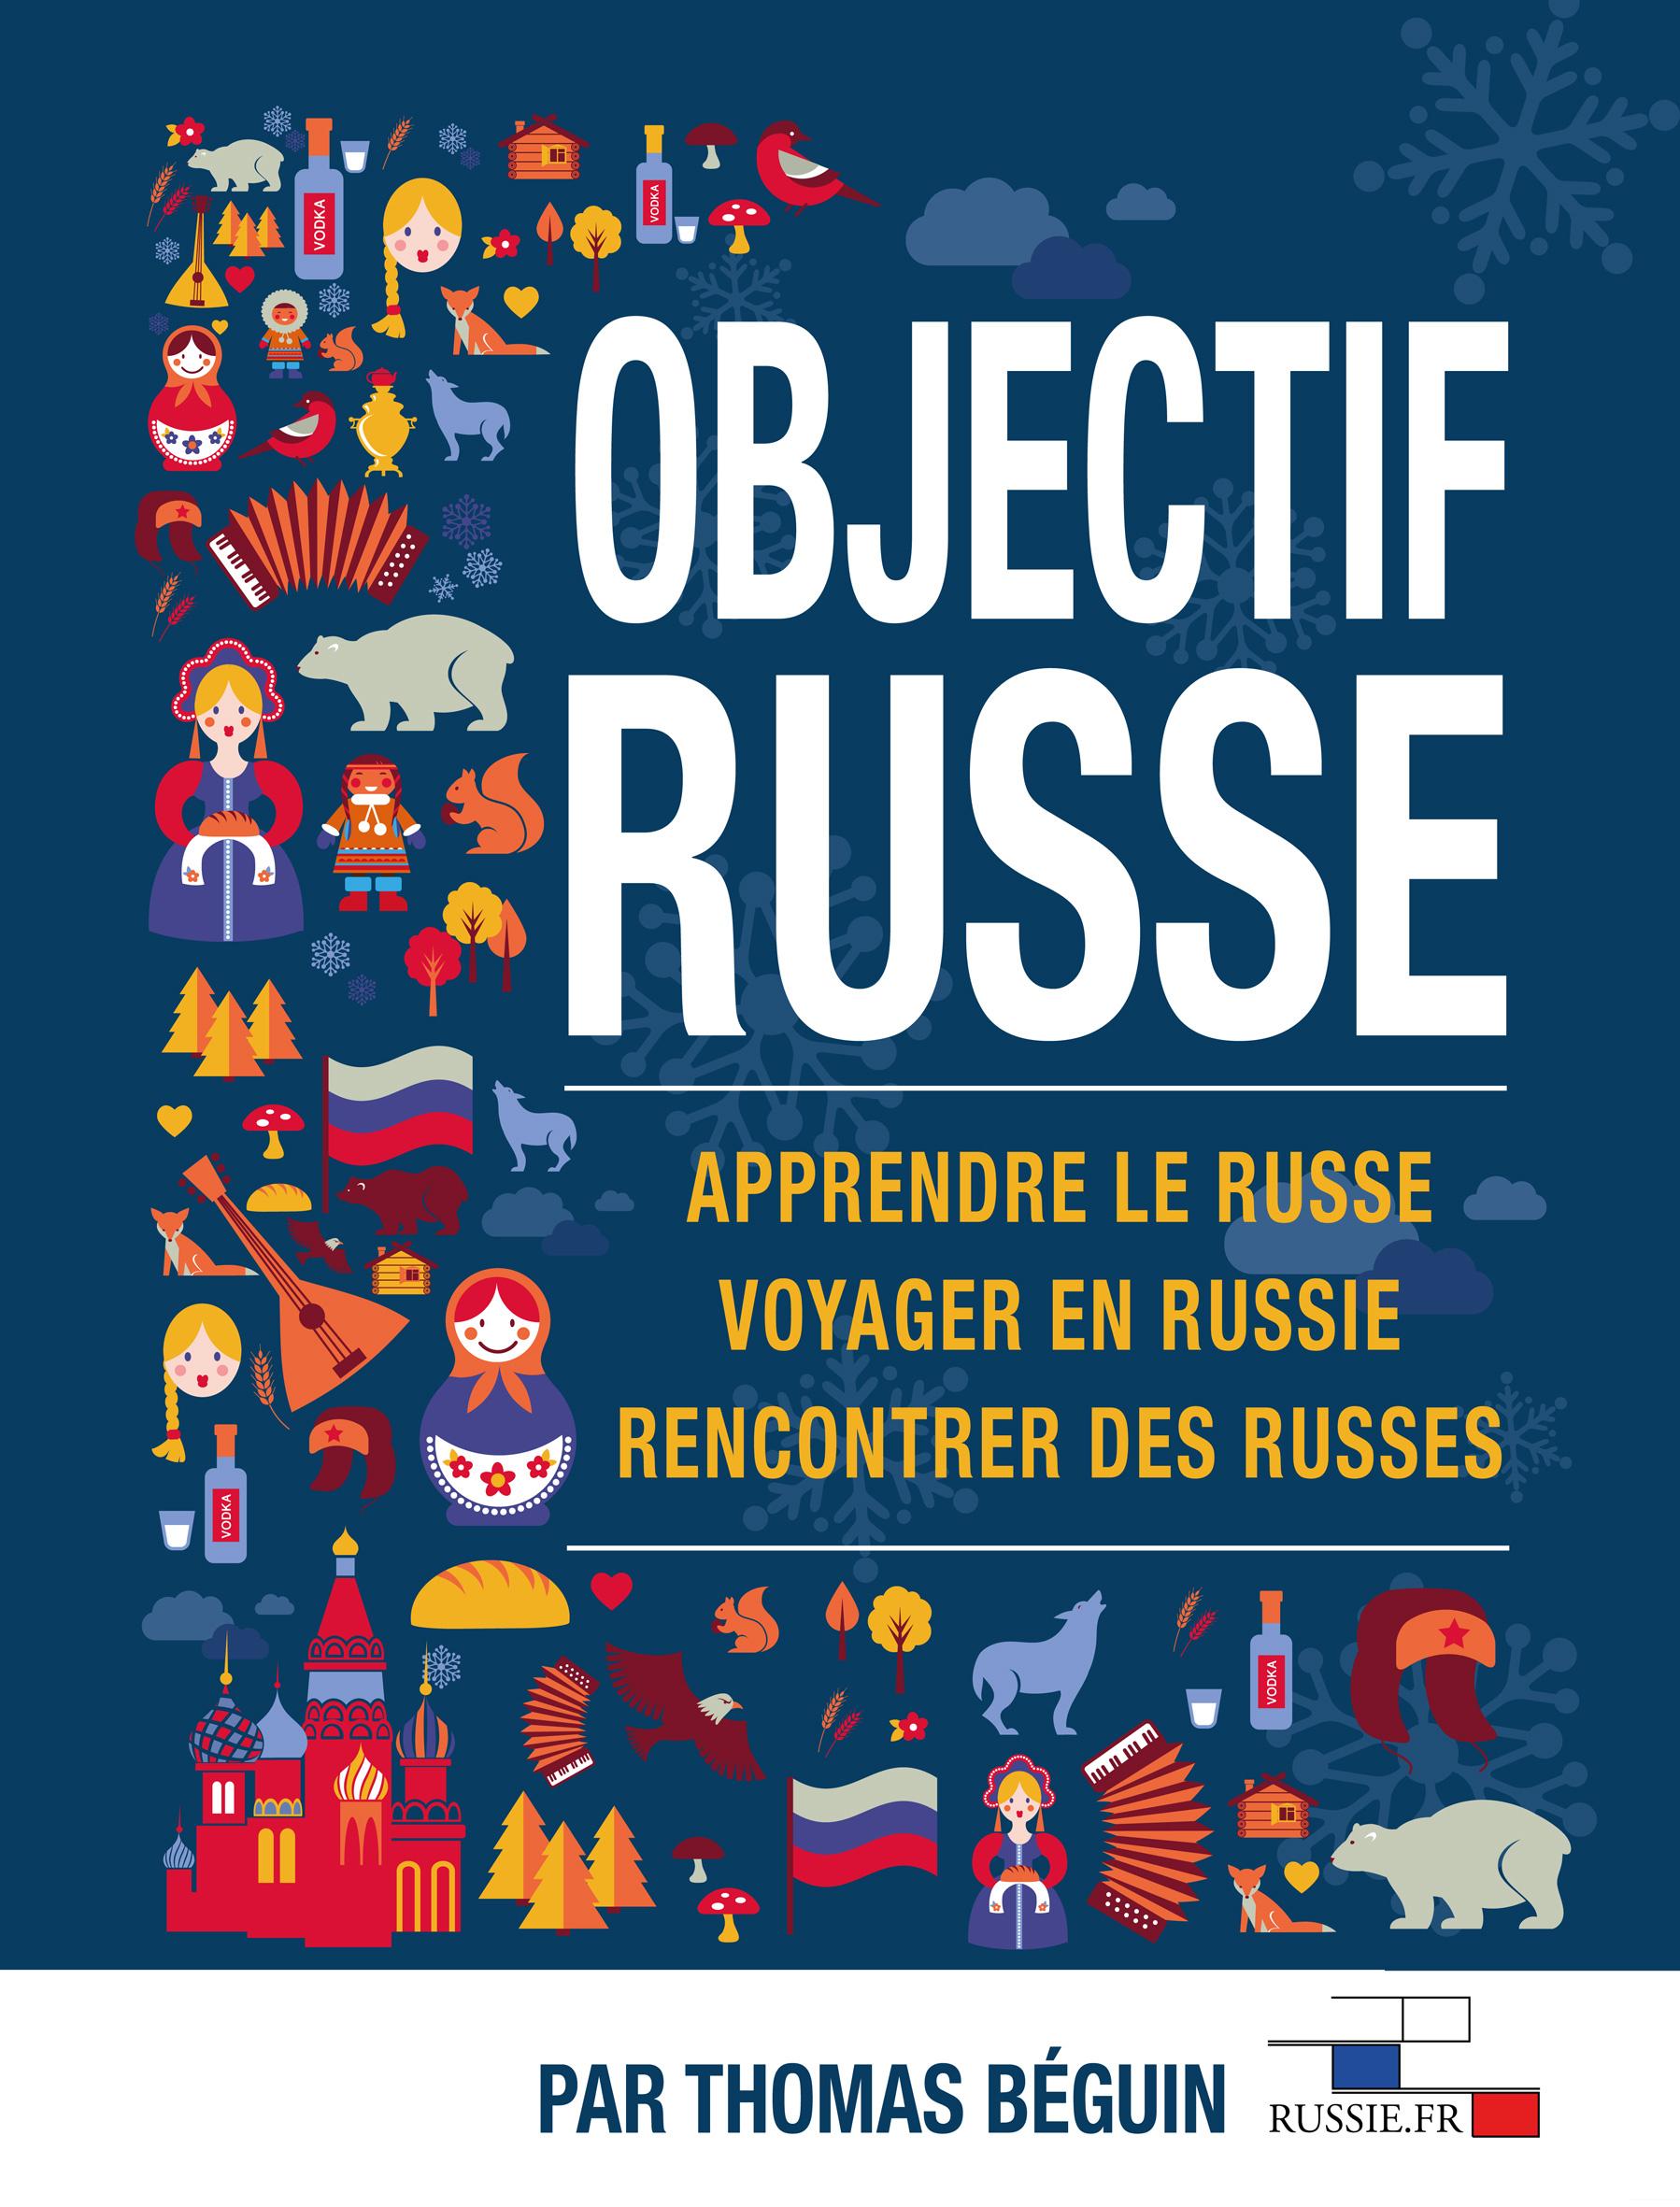 Nouvel E-Book - La Russie En 3 Étapes serapportantà Apprendre Le Russe Facilement Gratuitement